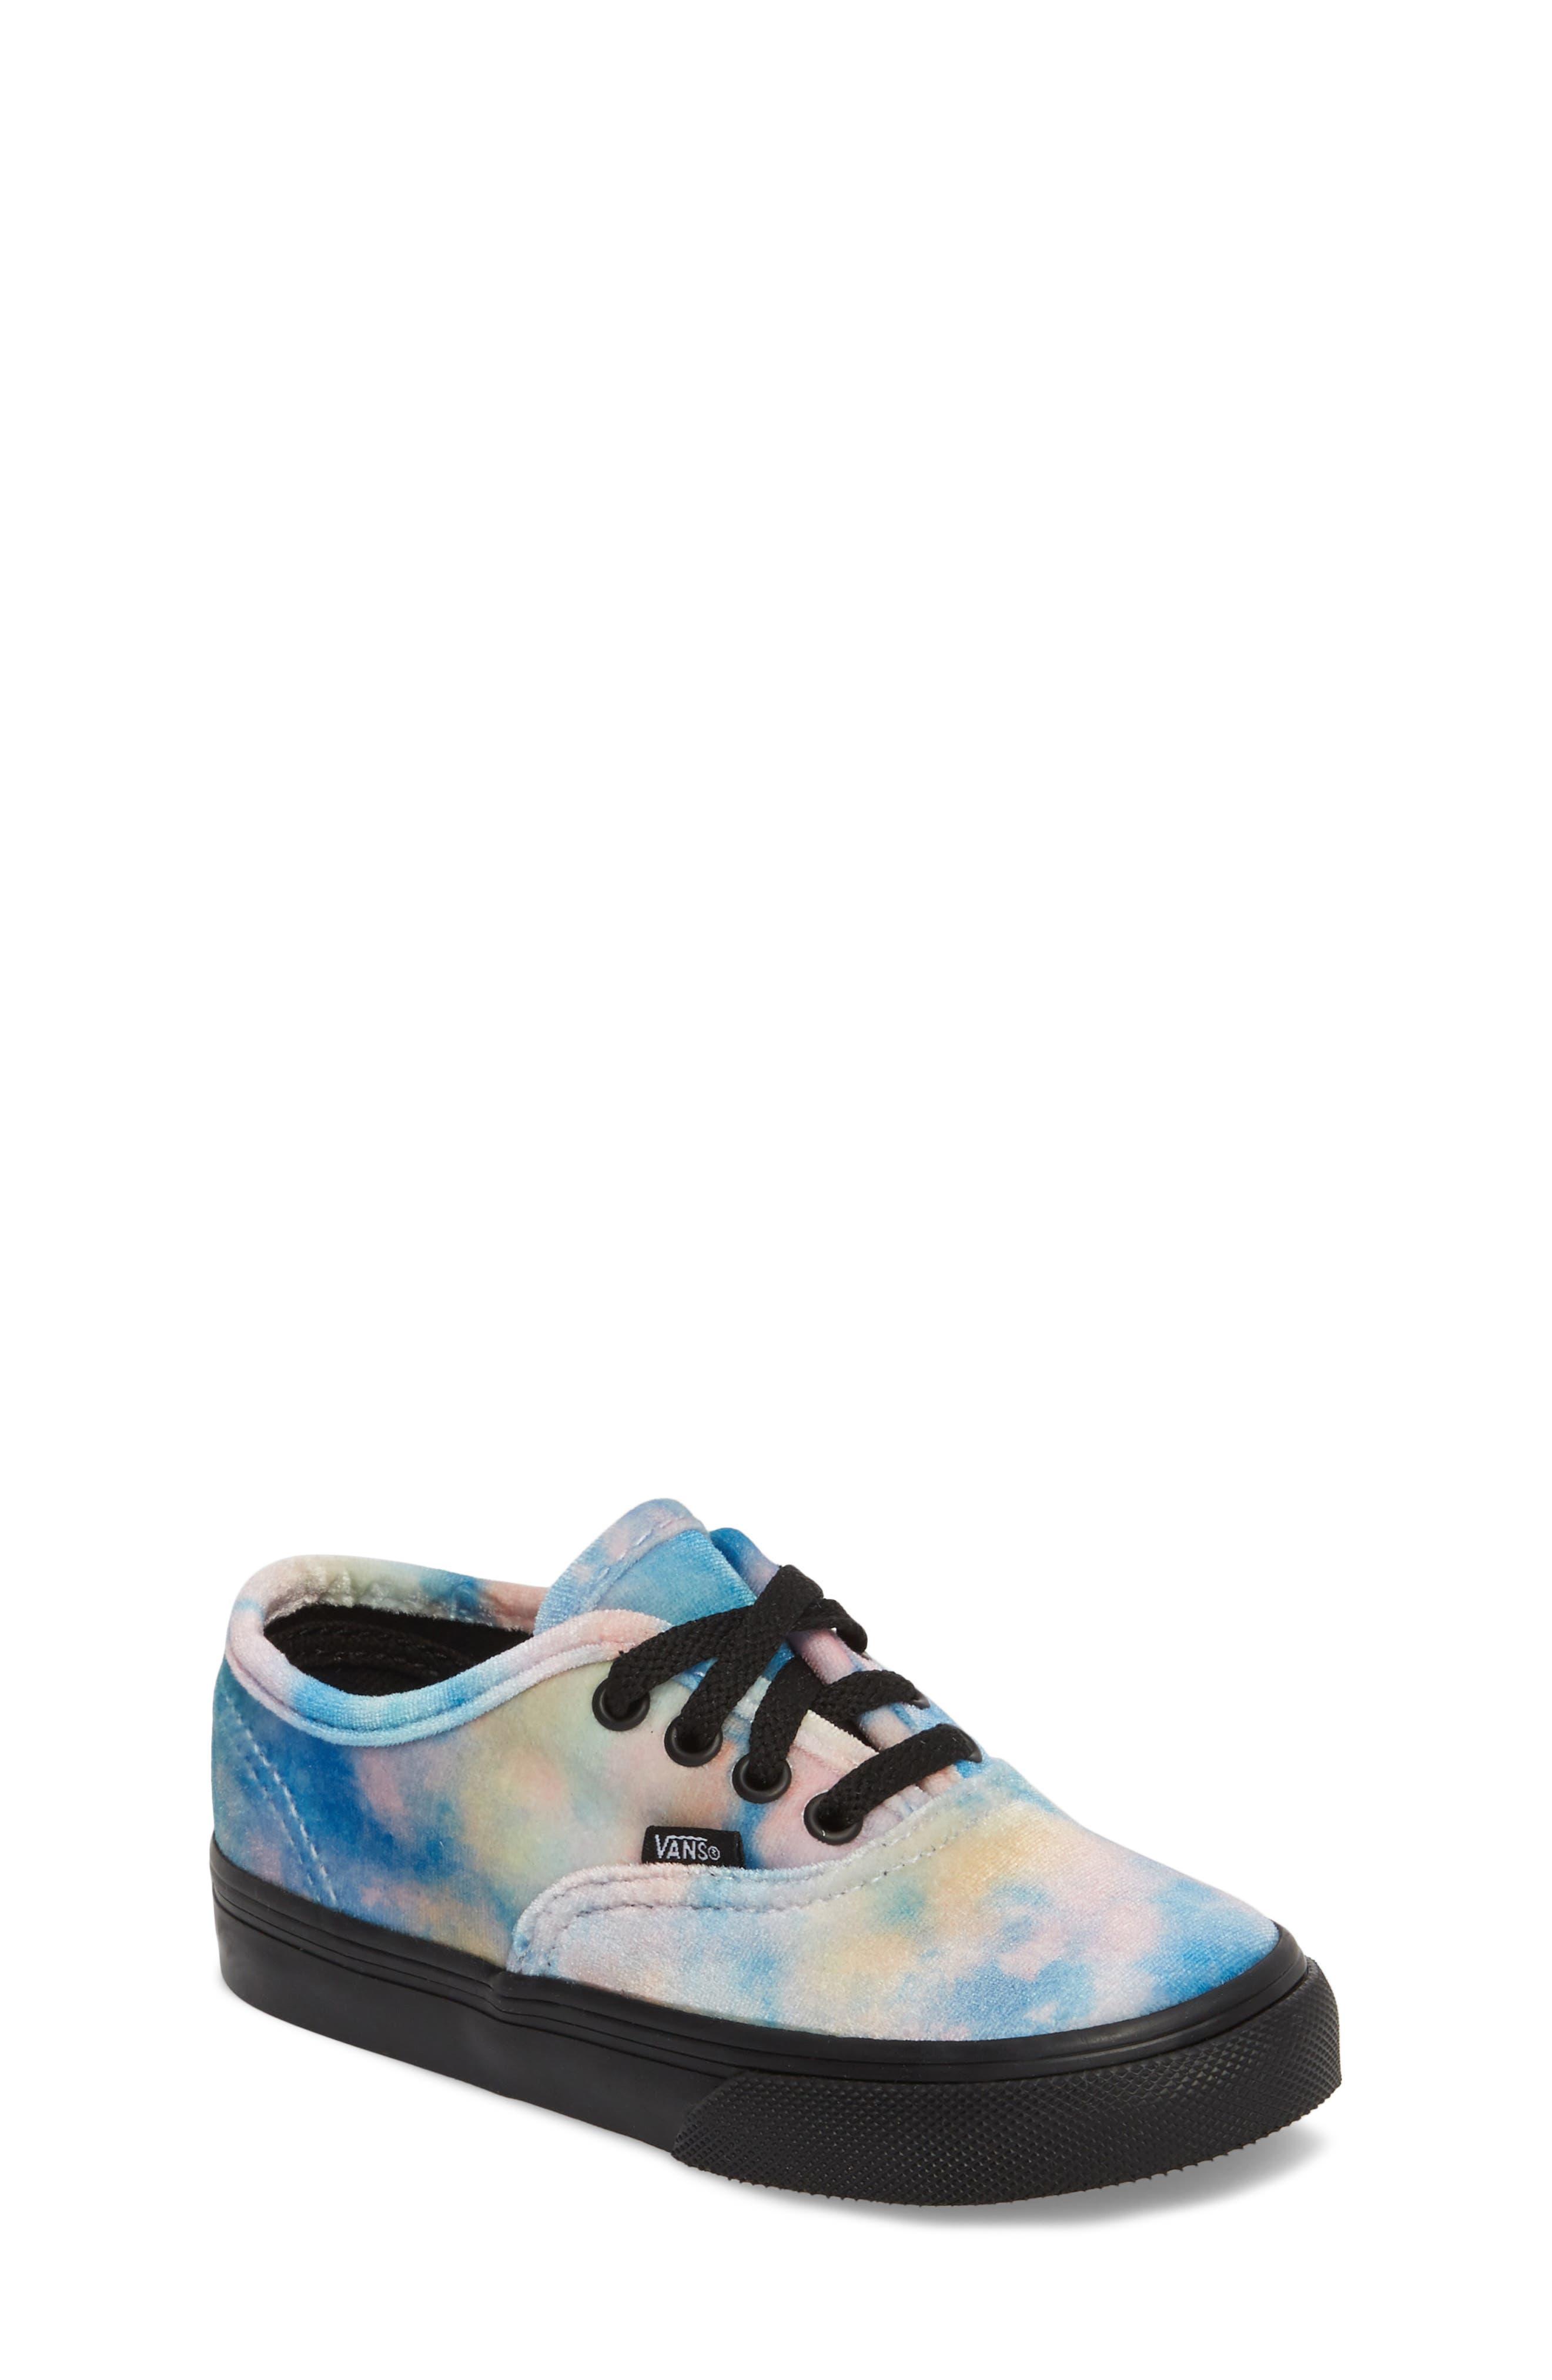 Authentic Velvet Tie Dye Sneaker,                         Main,                         color, Black/ Multi Velvet Tie Dye